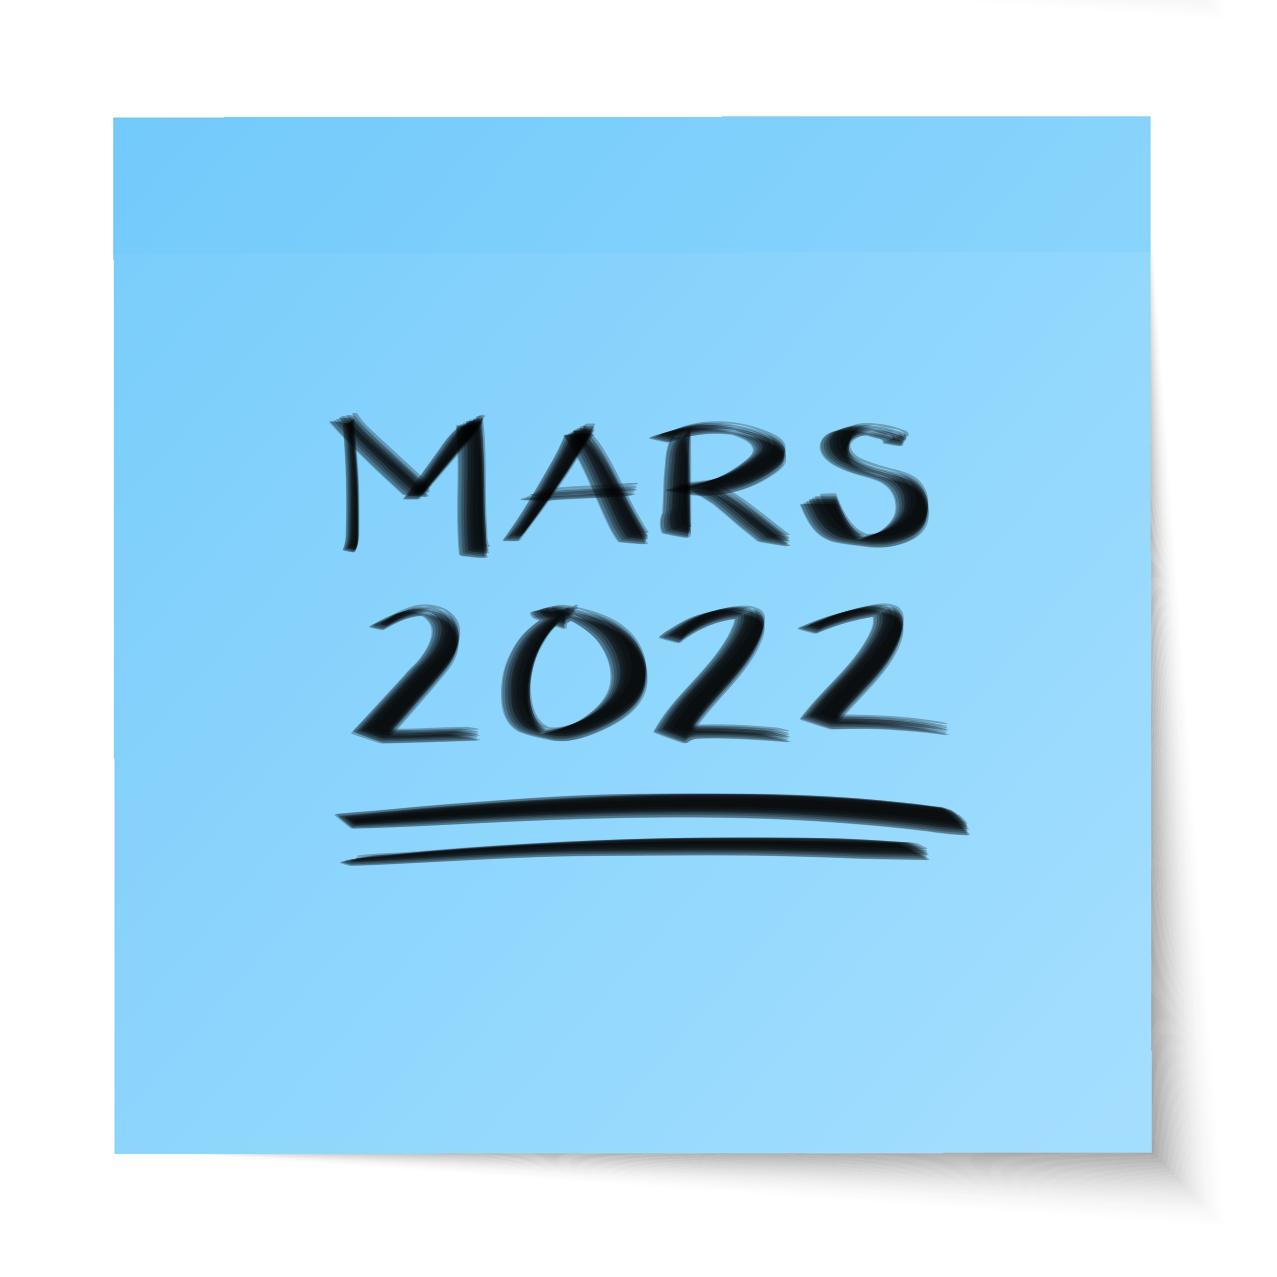 Mars 2022